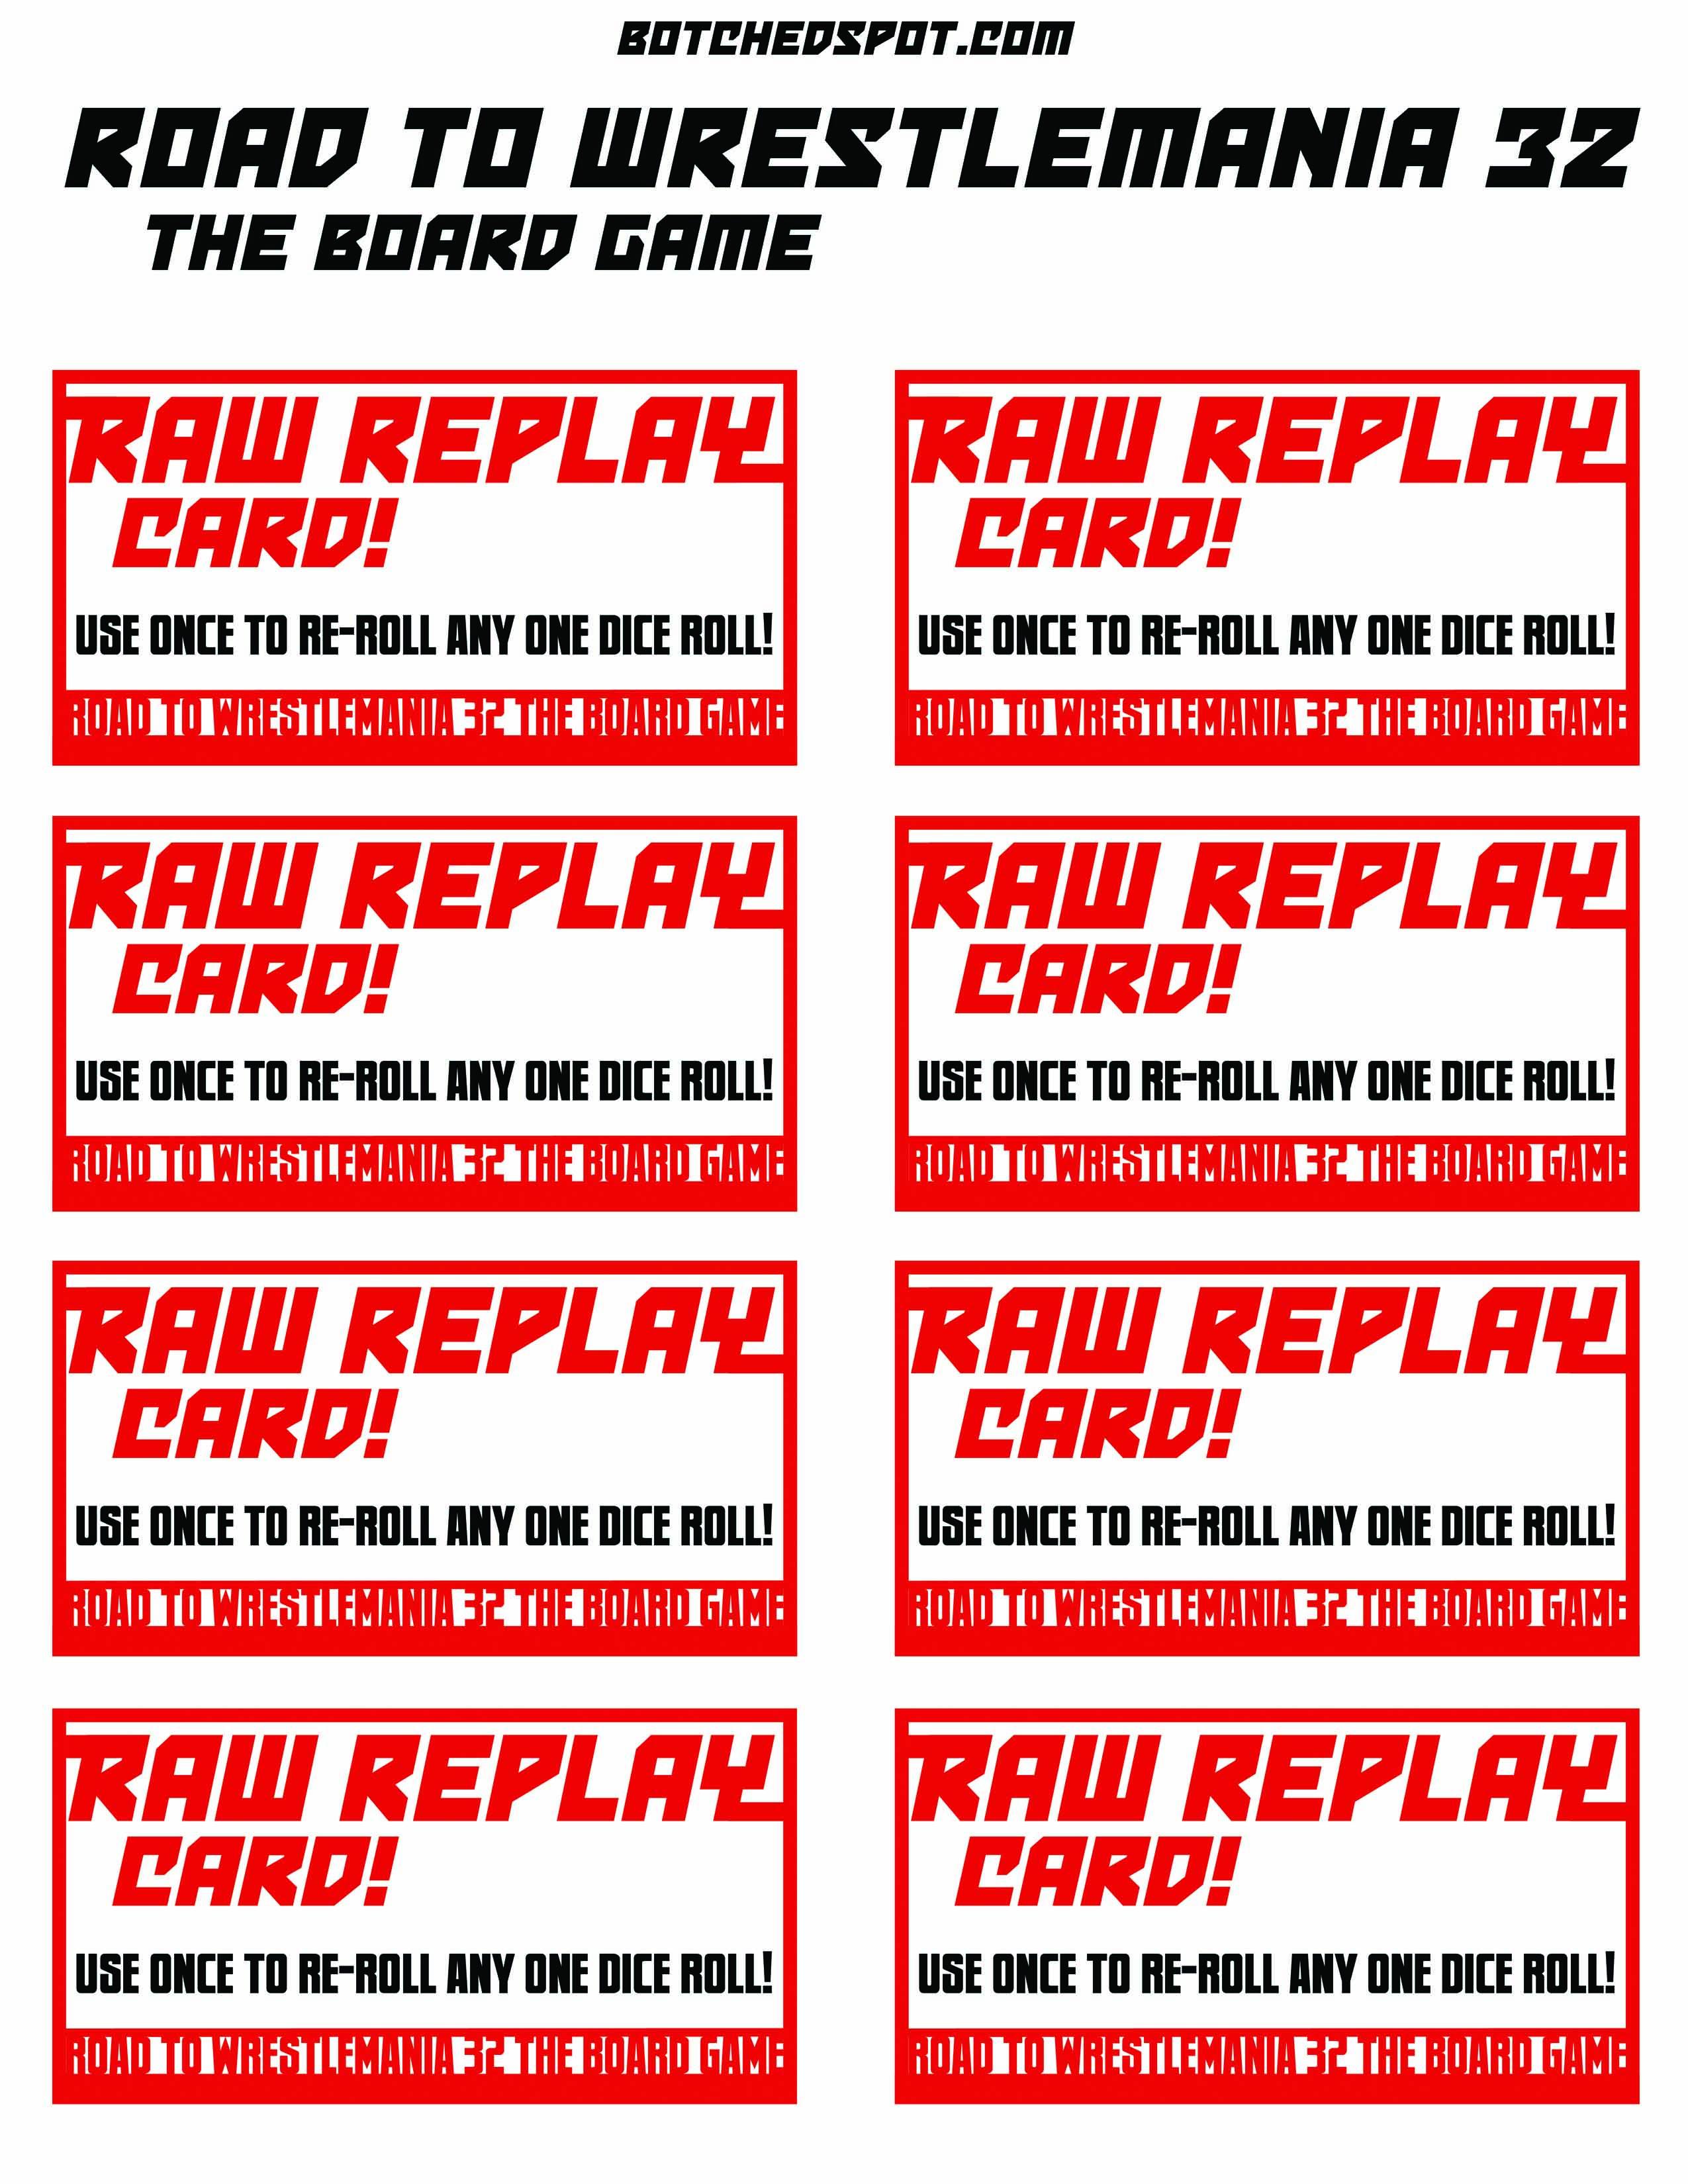 rawreplaycards